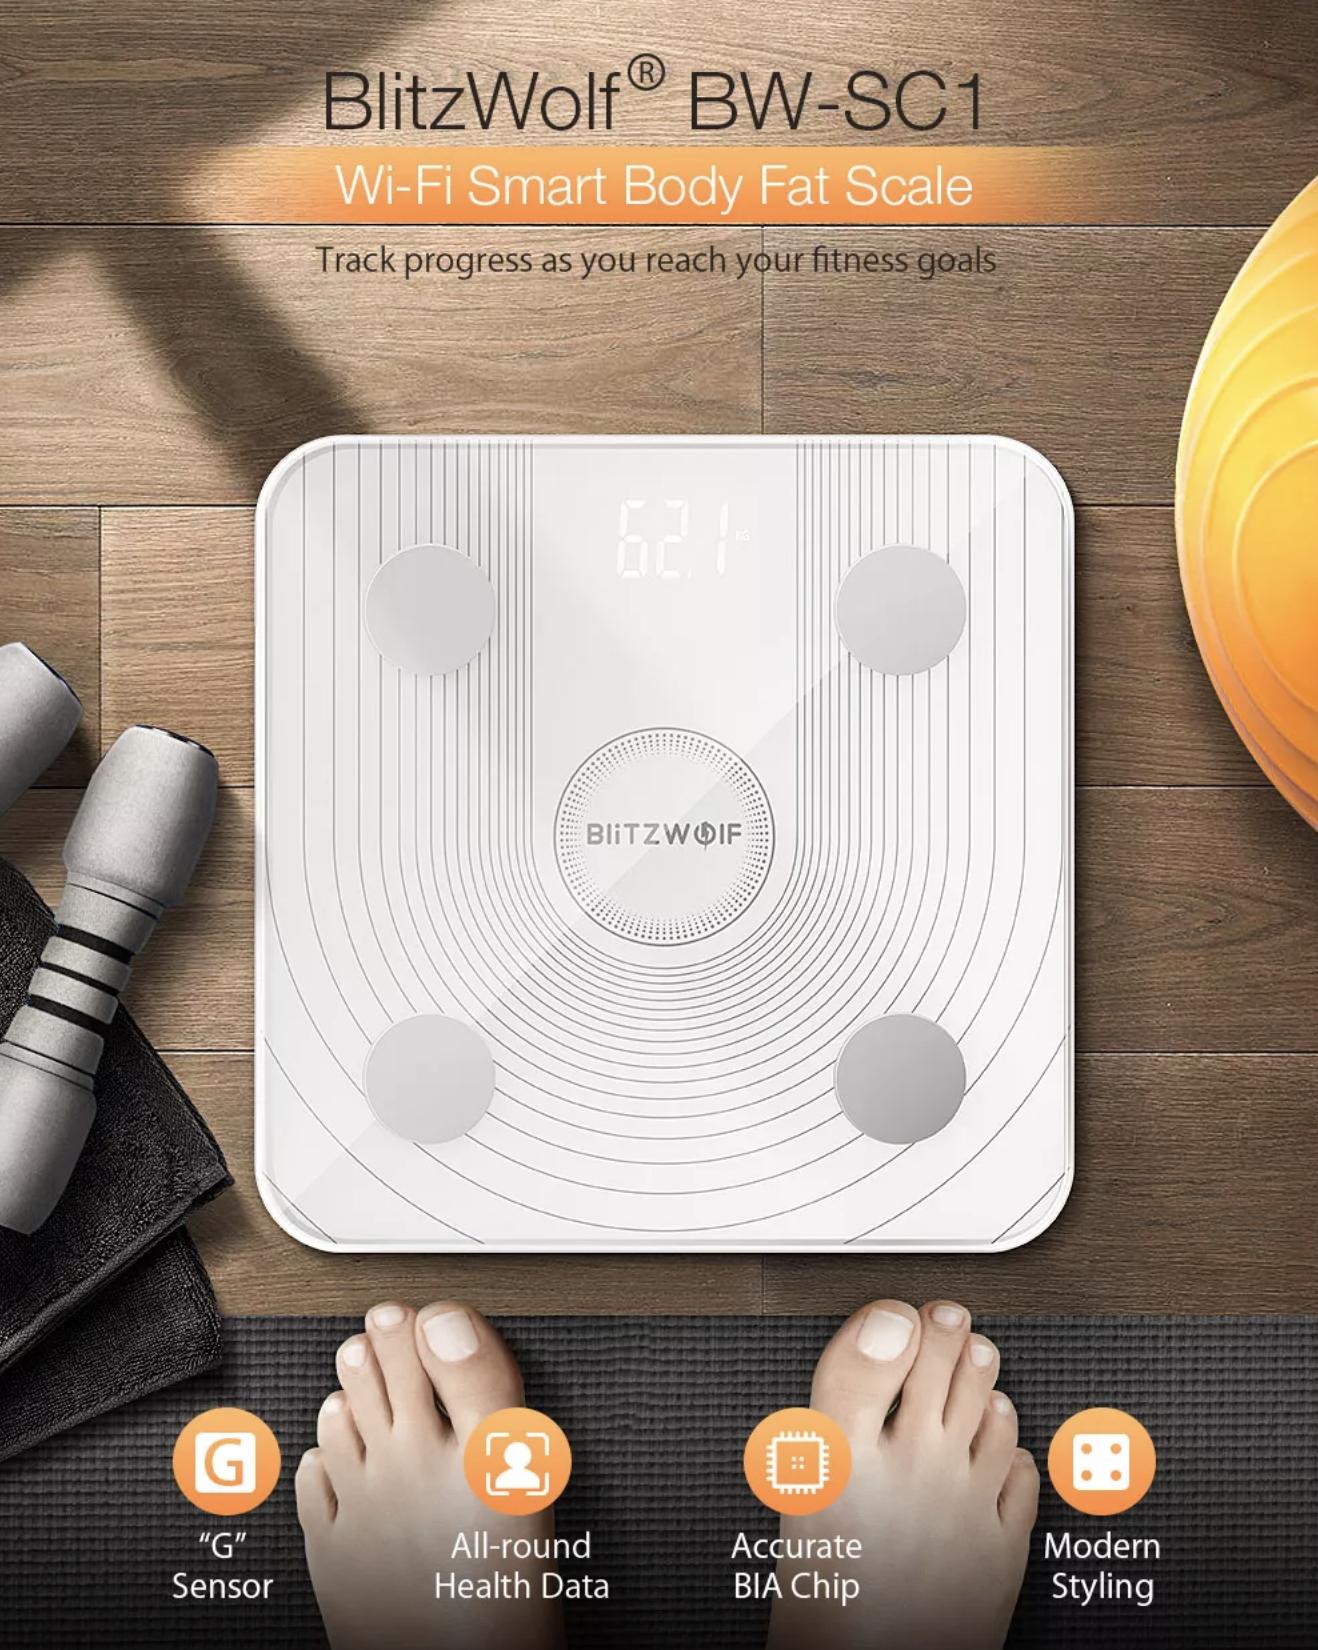 משקל הגוף החכם BlitzWolf BW-SC1 משקף 13 מדדי גוף כולל אחוז שומן במחיר השקה!